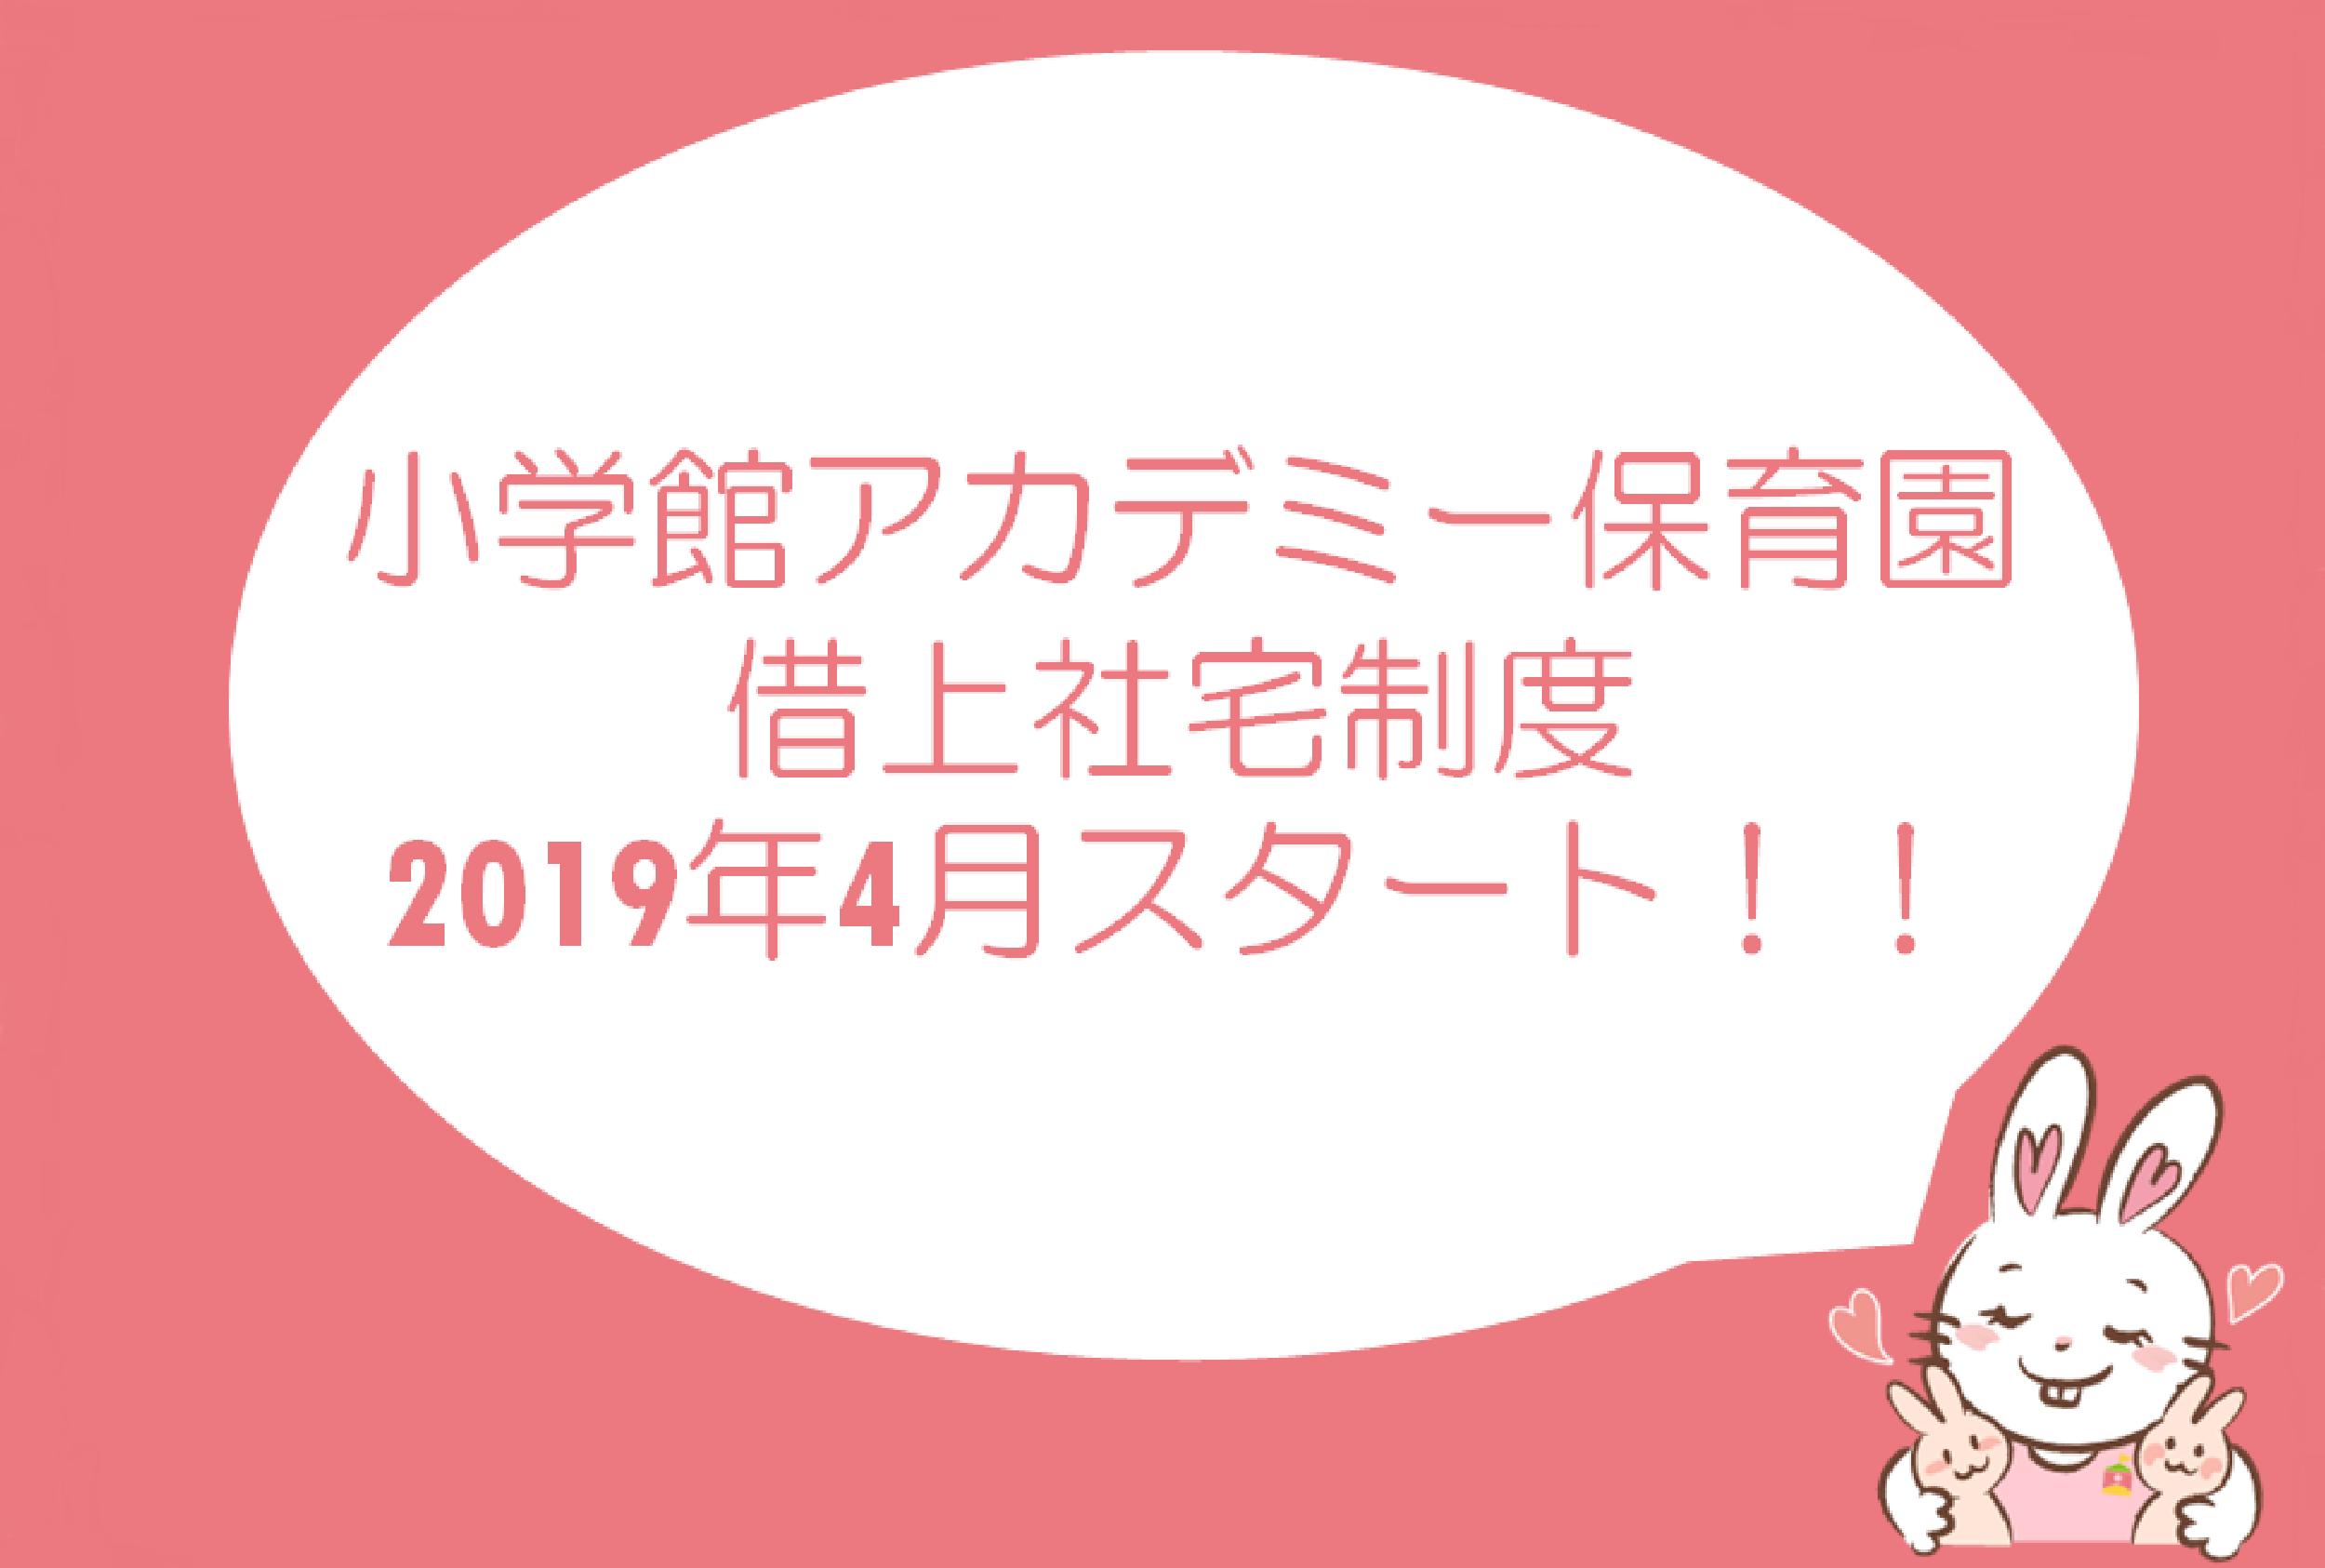 借上社宅はじまるよ!(大画像).png